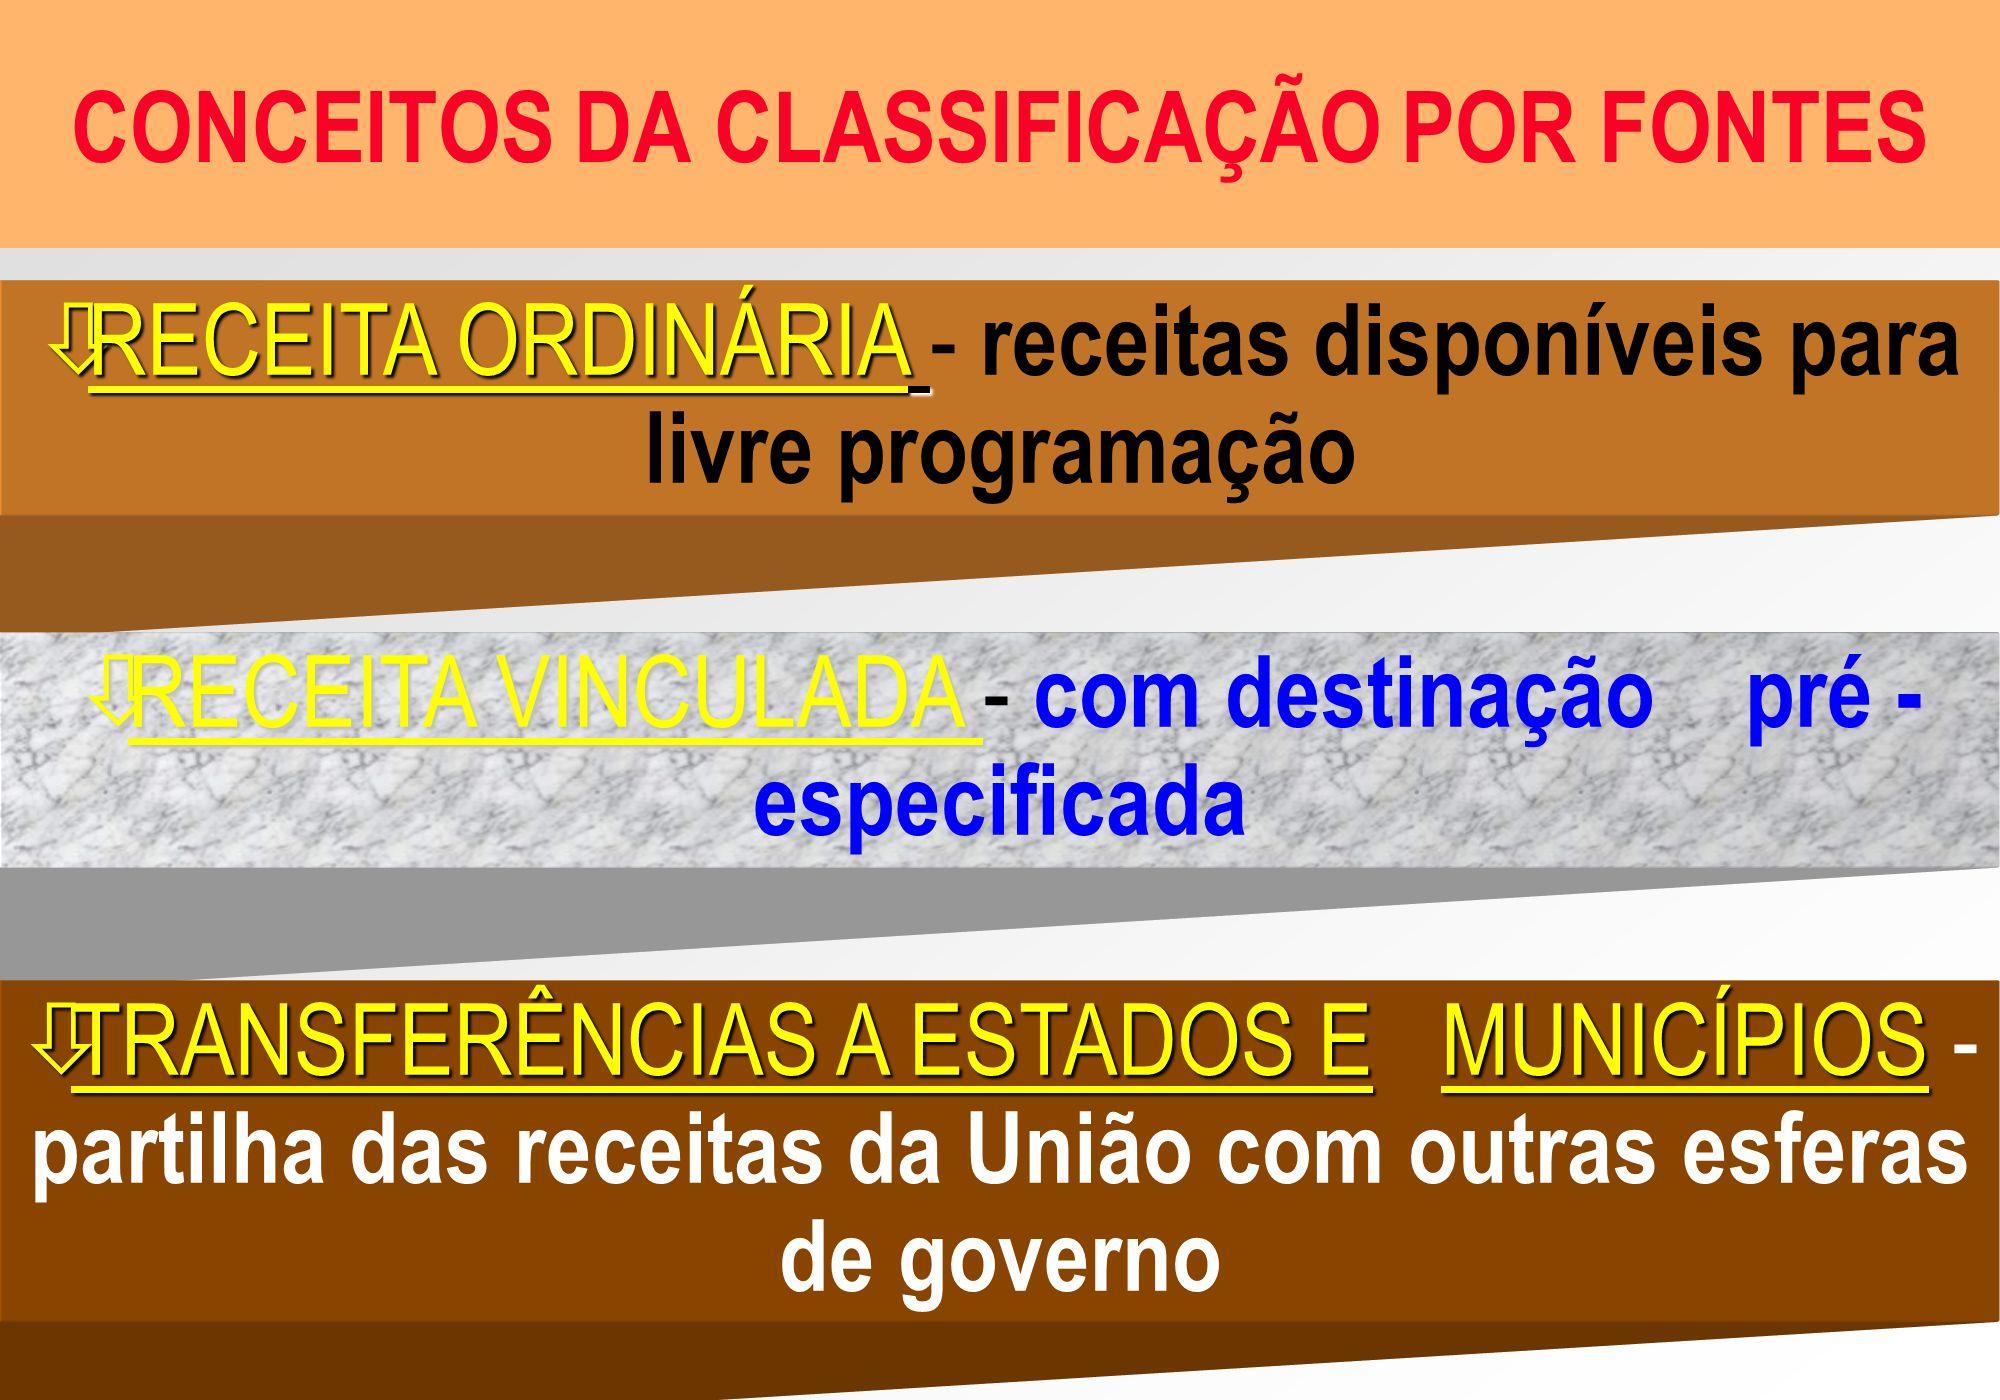 CONCEITOS DA CLASSIFICAÇÃO POR FONTES òRECEITA ORDINÁRIA òRECEITA ORDINÁRIA - receitas disponíveis para livre programação òRECEITA VINCULADA òRECEITA